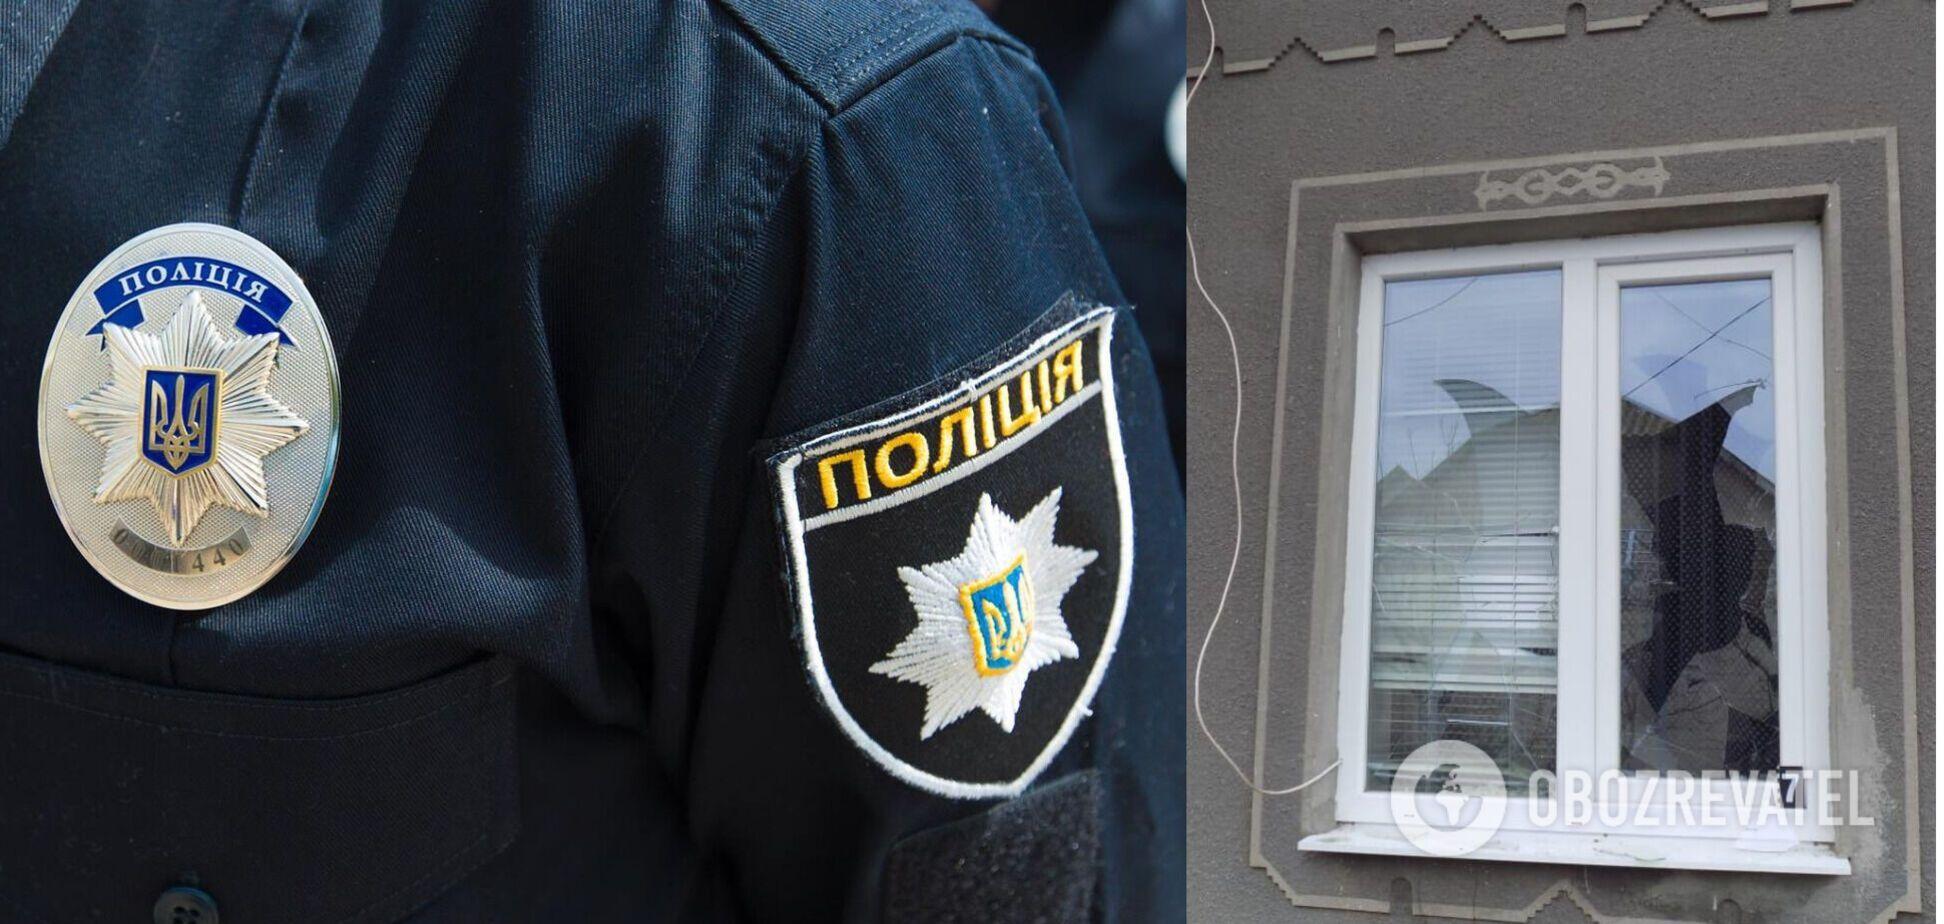 На Одещині чоловік побив батьків поліцейського заради помсти